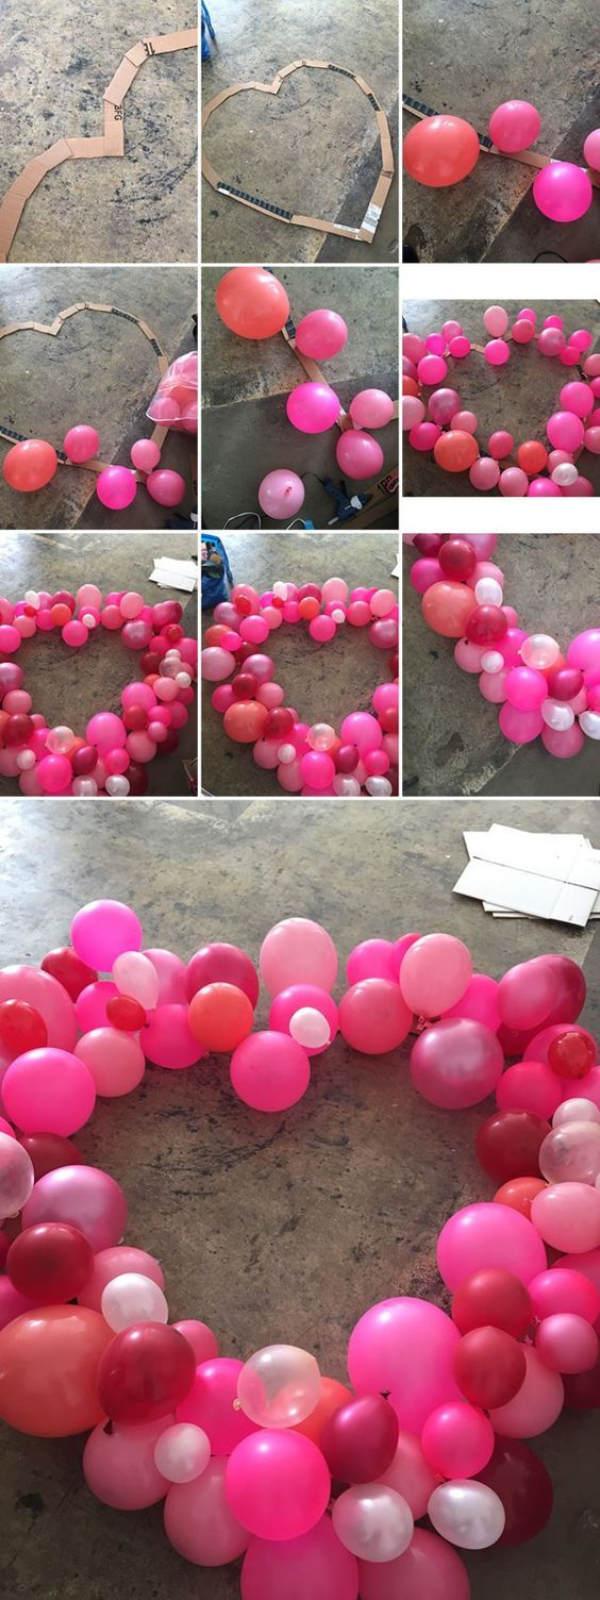 Coeur de ballons pour la Saint-Valentin